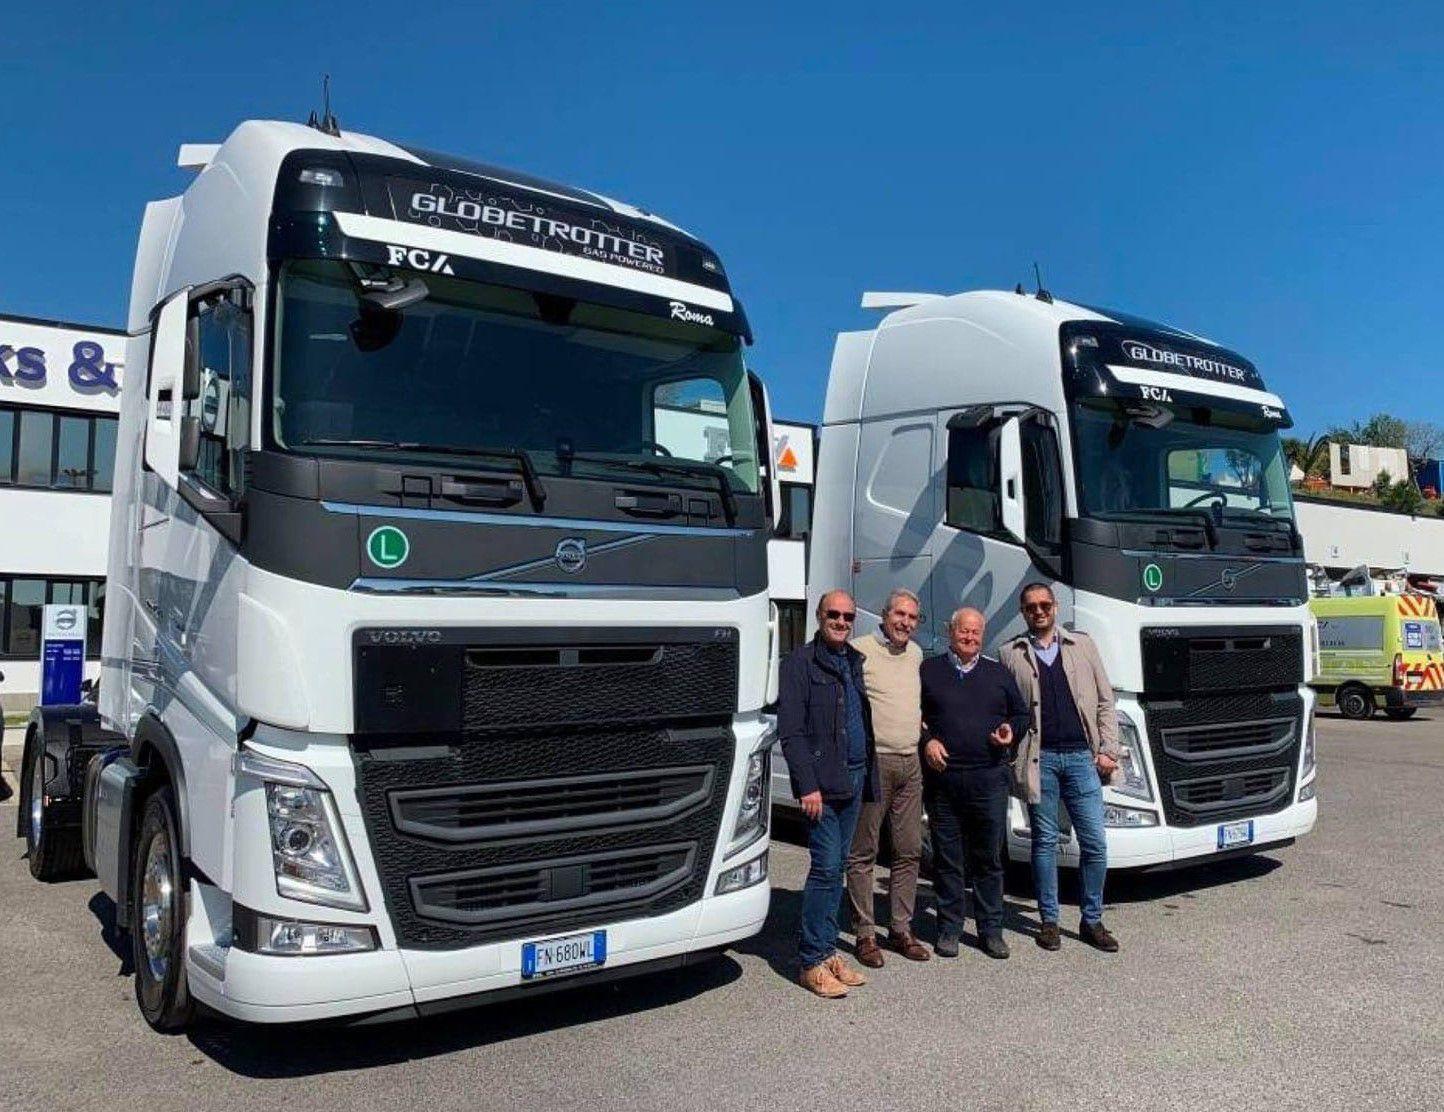 Tre veicoli a LNG di TTE attraversano quotidianamente l'Europa trasportando farmaci.